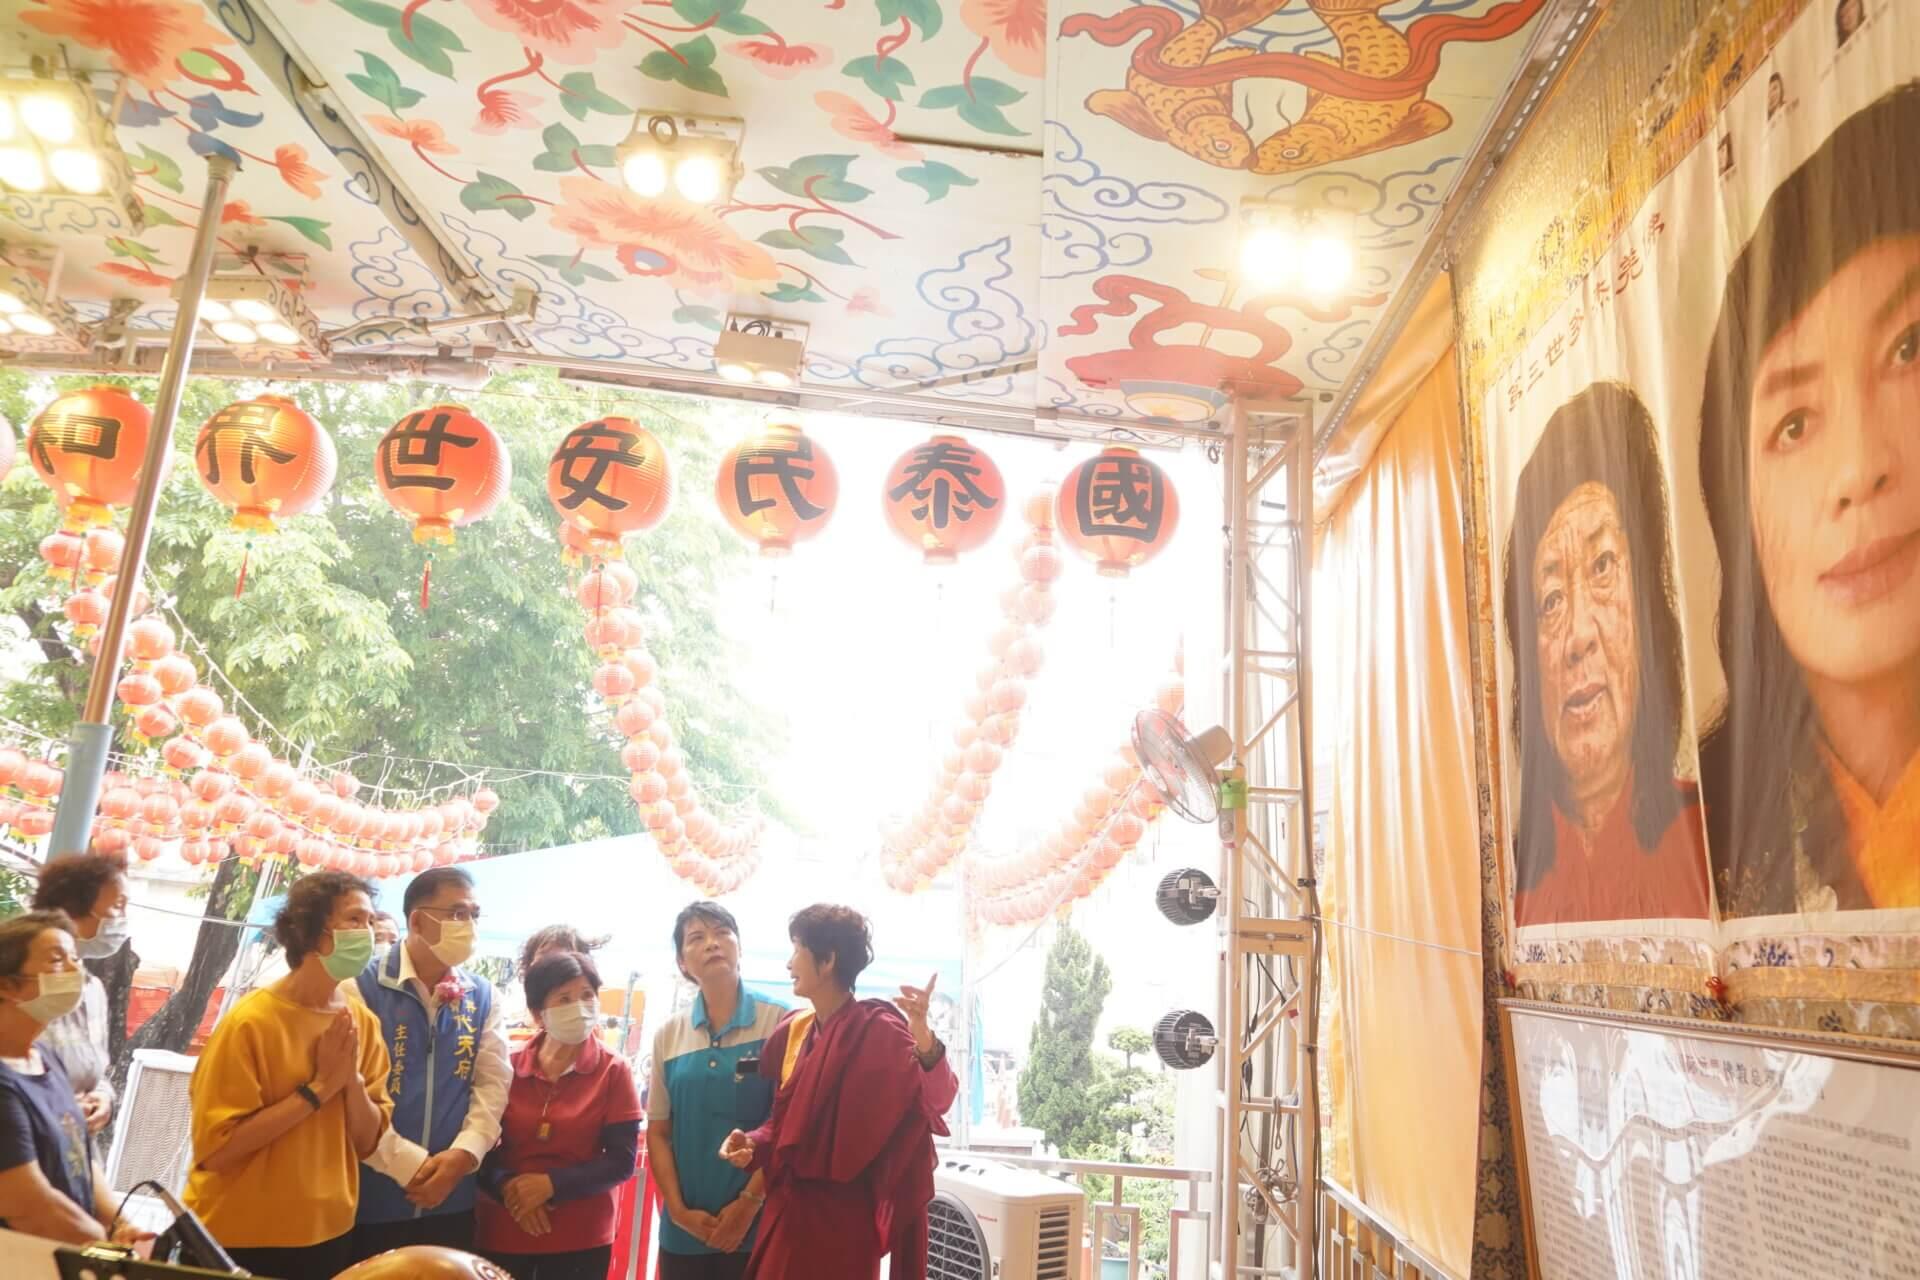 行動佛殿134站高雄梓官,師姊向信眾介紹南無第三世多杰羌佛返老回春聖蹟